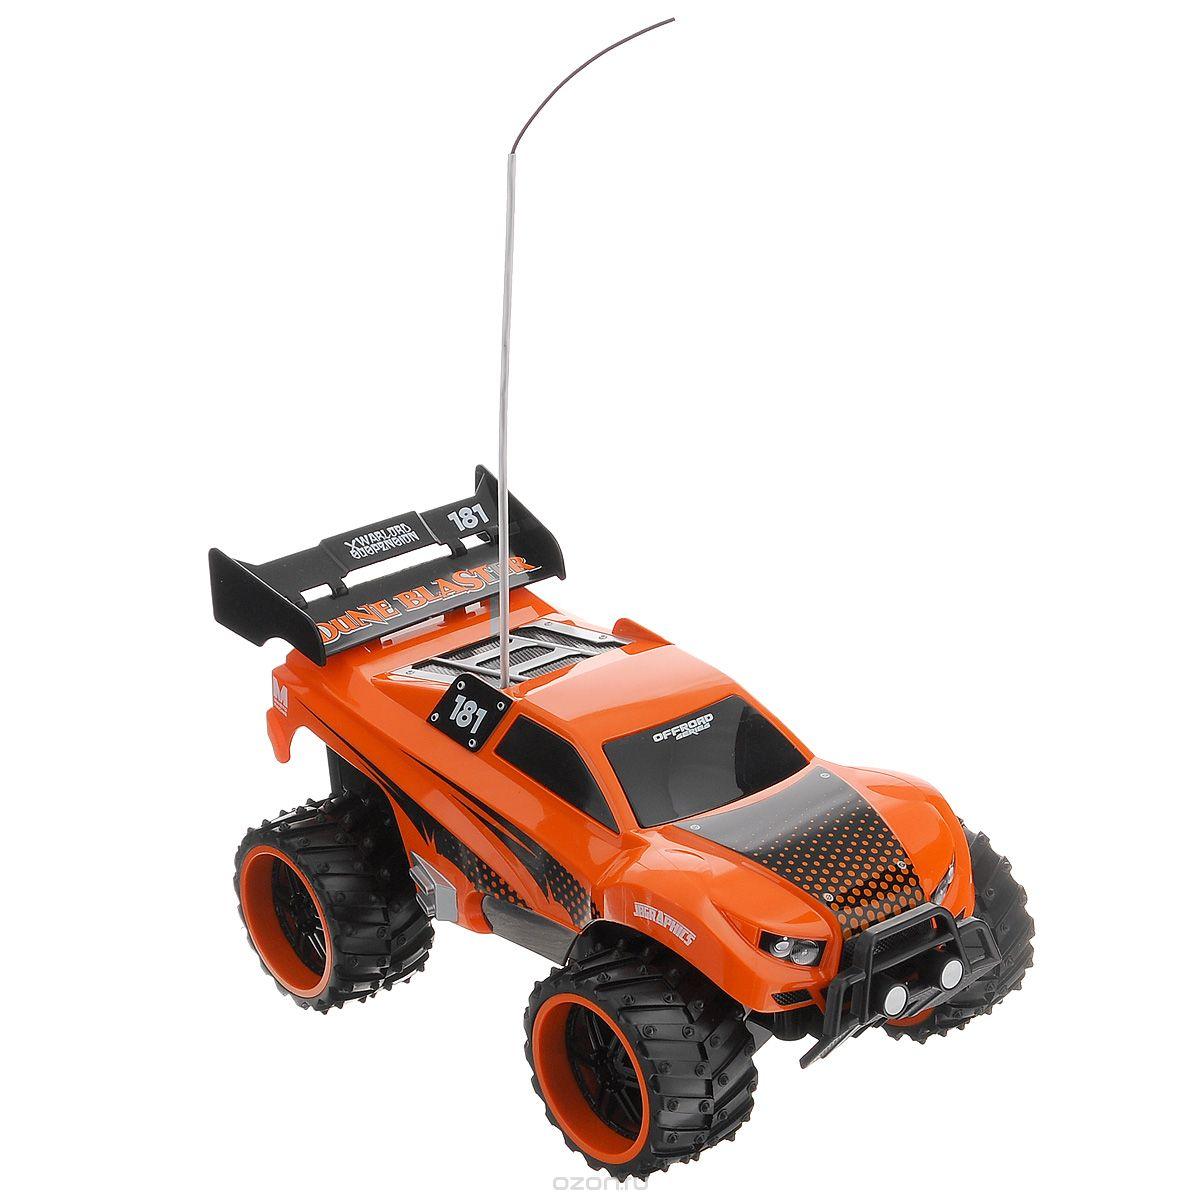 Maisto Машина на радиоуправлении Dune Blaster цвет оранжевый81095 R/C_оранжевый_3678Радиоуправляемая модель Maisto Внедорожник Dune Blaster с ярким привлекающим внимание дизайном обязательно понравится всем любителям джипов. Корпус выполнен из высококачественного пластика и имеет высокую детализацию. Машина представляет собой копию внедорожника, уменьшенного в 16 раз. Двигается в нескольких направлениях: вперед, назад, вправо, влево. Большие шипованные шины обеспечивают высокую проходимость и быстрое преодоление препятствий. Автомобиль оснащен профессиональным передатчиком с частотой 27 MHz. Управление с помощью дистанционного пульта с рулевым управлением (поставляется в комплекте). В комплекте инструкция по эксплуатации на русском языке. Для работы машины рекомендуется докупить 4 батарейки напряжением 1,5V типа АА (товар комплектуется демонстрационными). Для работы пульта управления необходимо докупить 2 батарейки напряжением 1,5V типа АА (товар комплектуется демонстрационными).